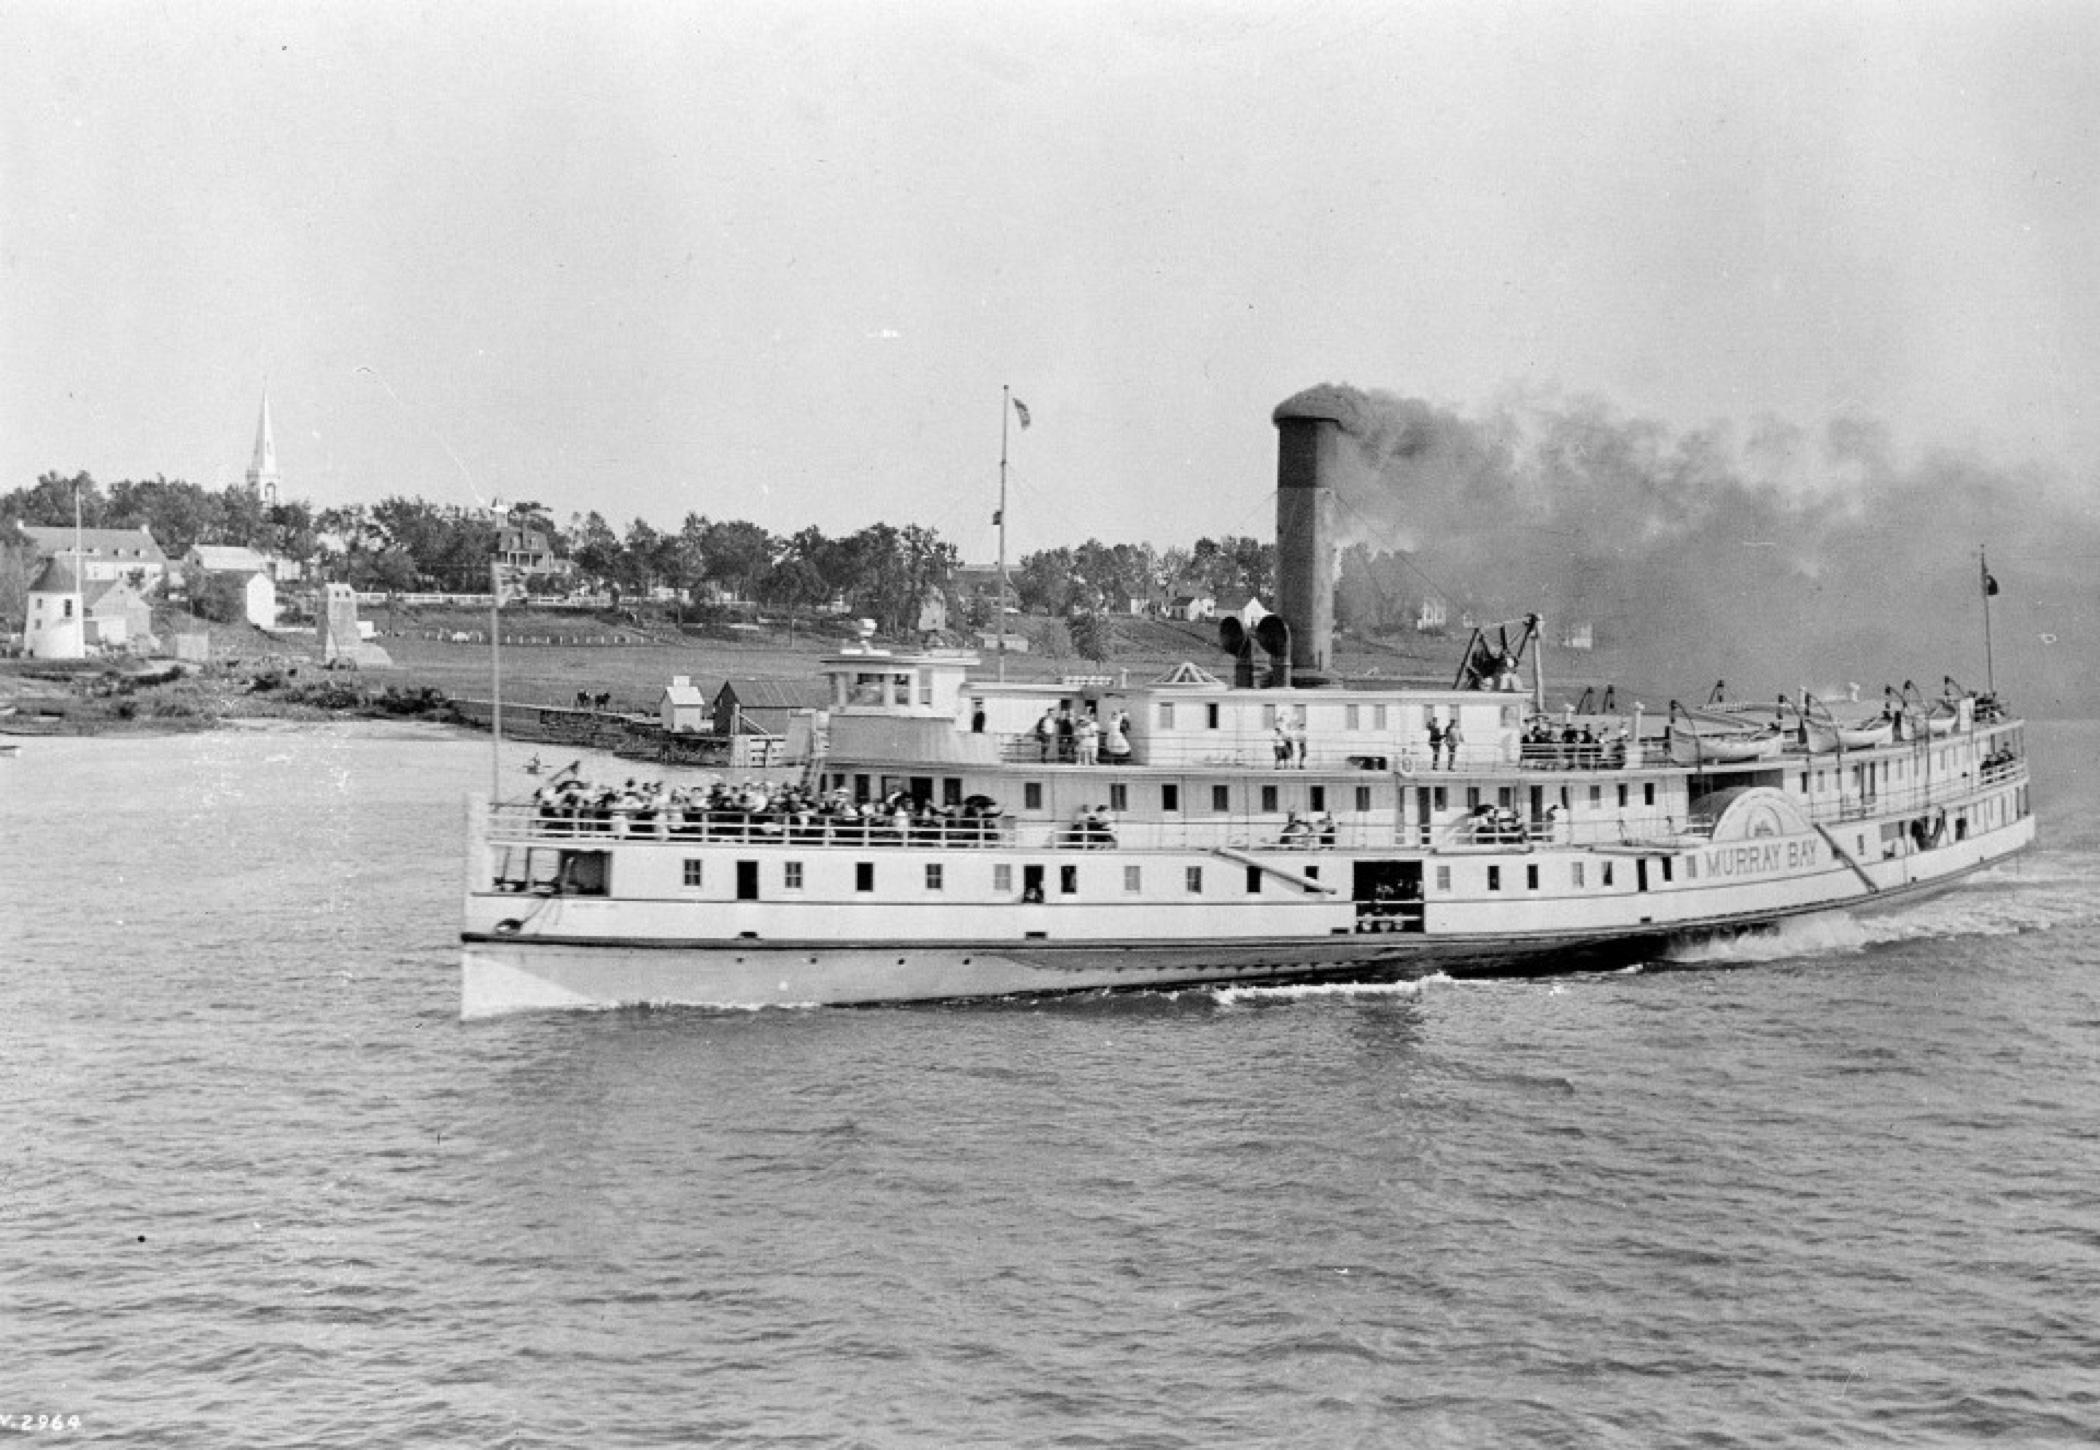 Image en noir et blanc d'un traversier à vapeur de taille moyenne en transit sur le fleuve, expulsant un nuage de fumée noire de sa cheminée, bondé de voyageurs sur son pont avant.